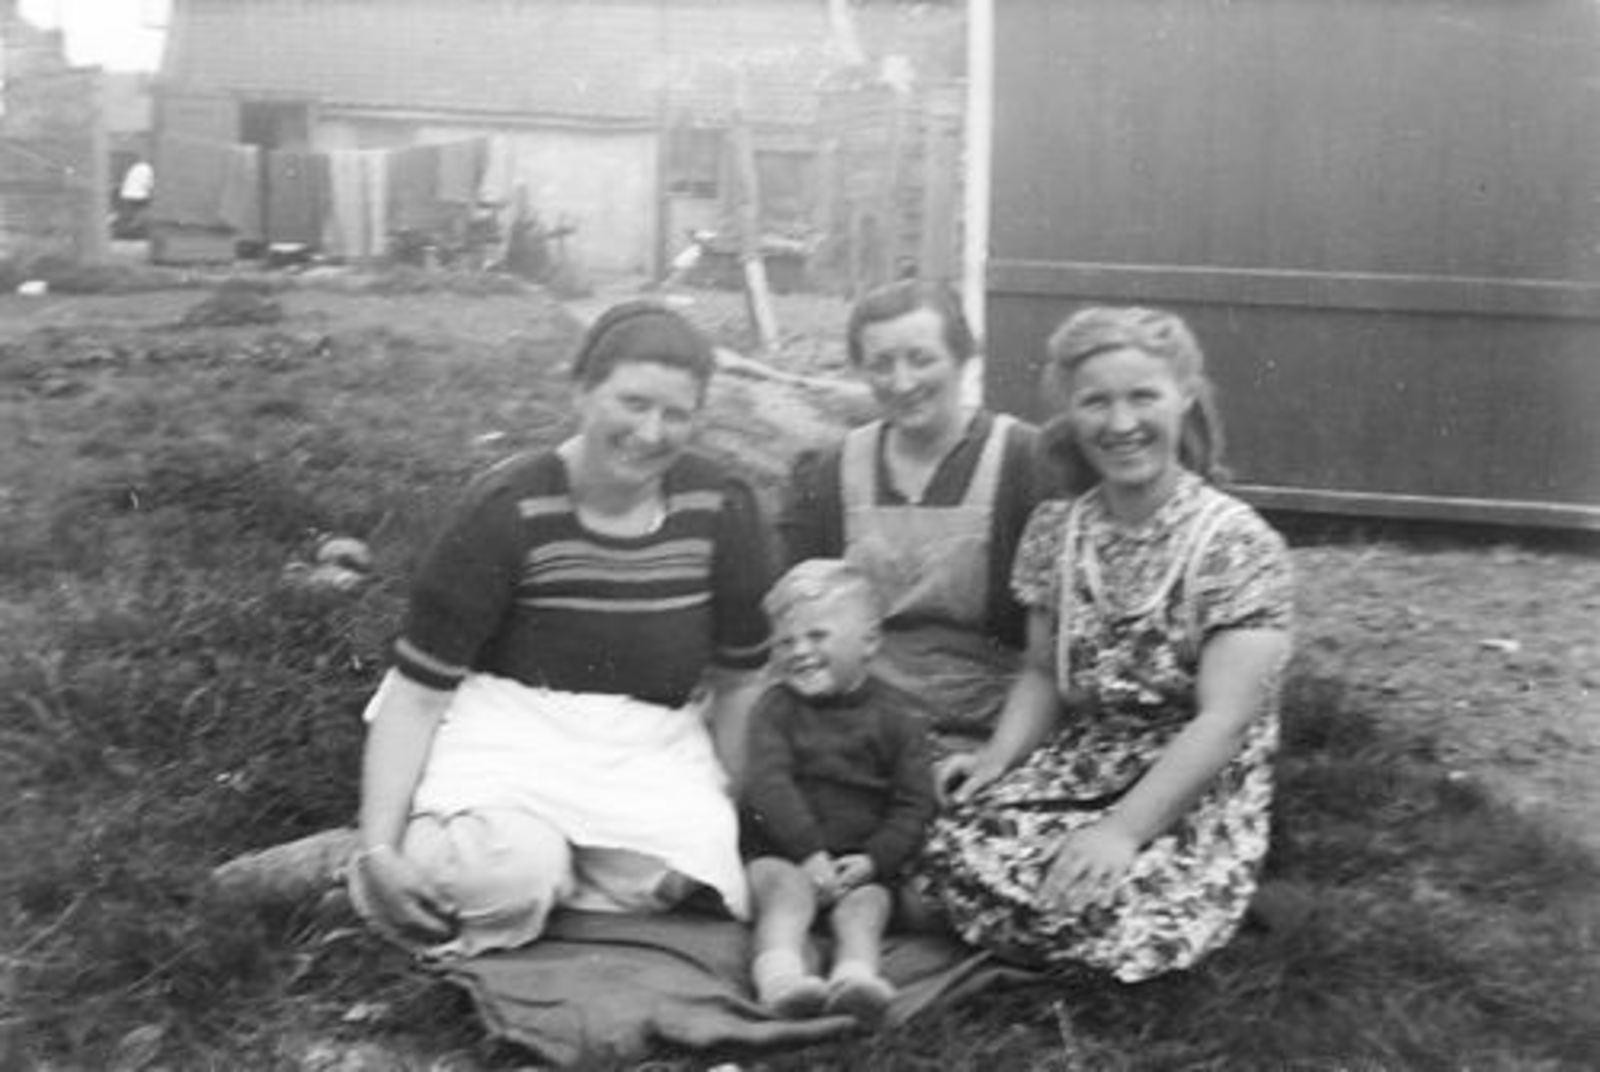 Imanse Jan 1943 1946 op Erf in Kruislaan 02 met Onbekend